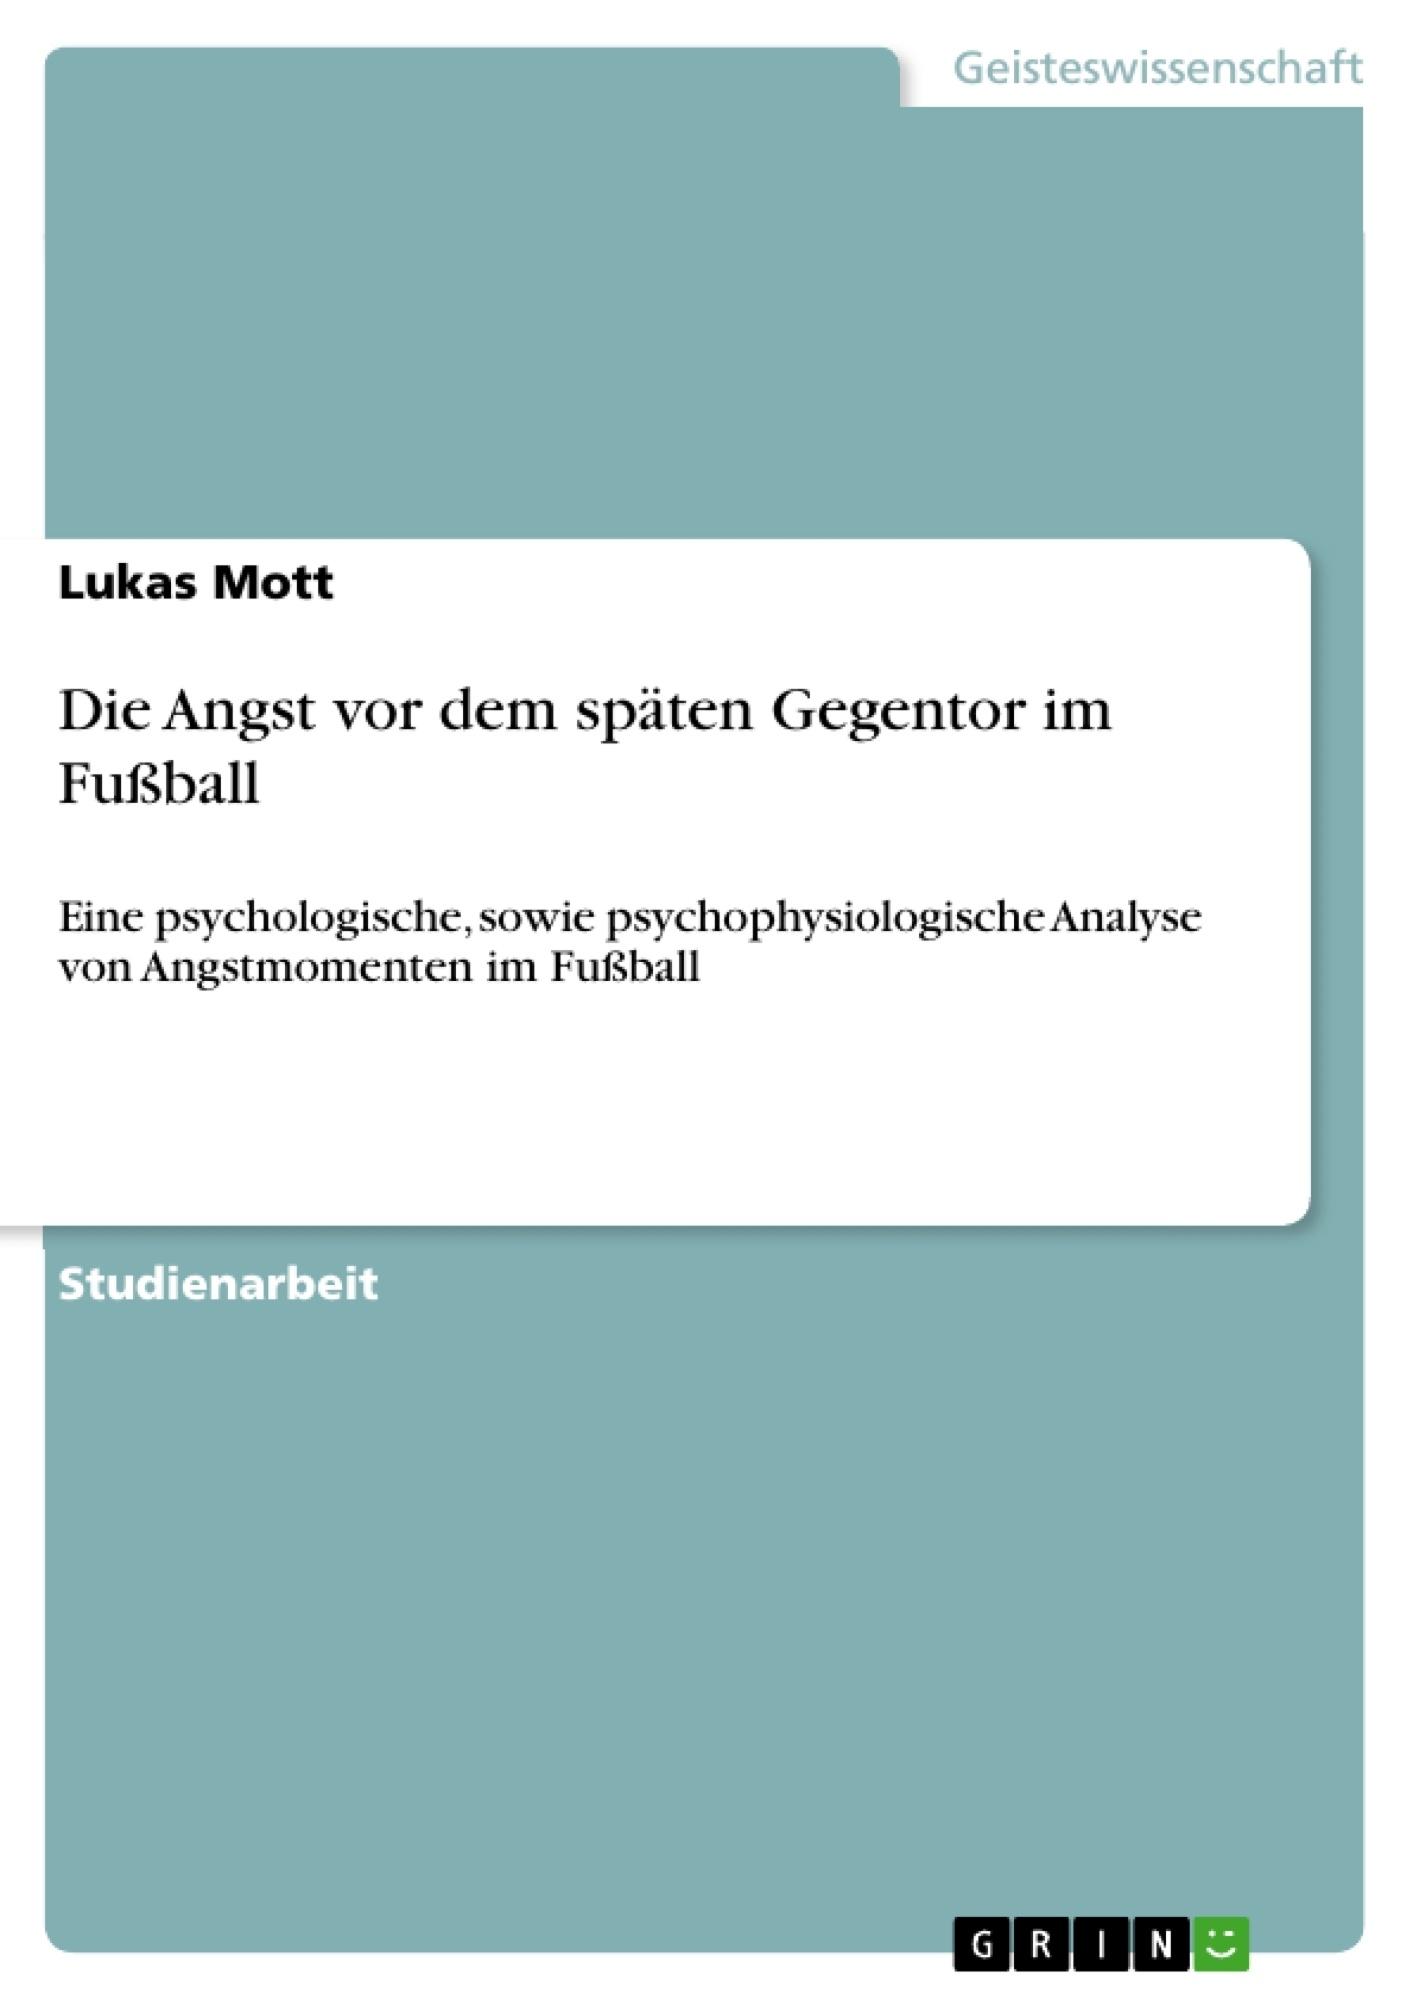 Titel: Die Angst vor dem späten Gegentor im Fußball